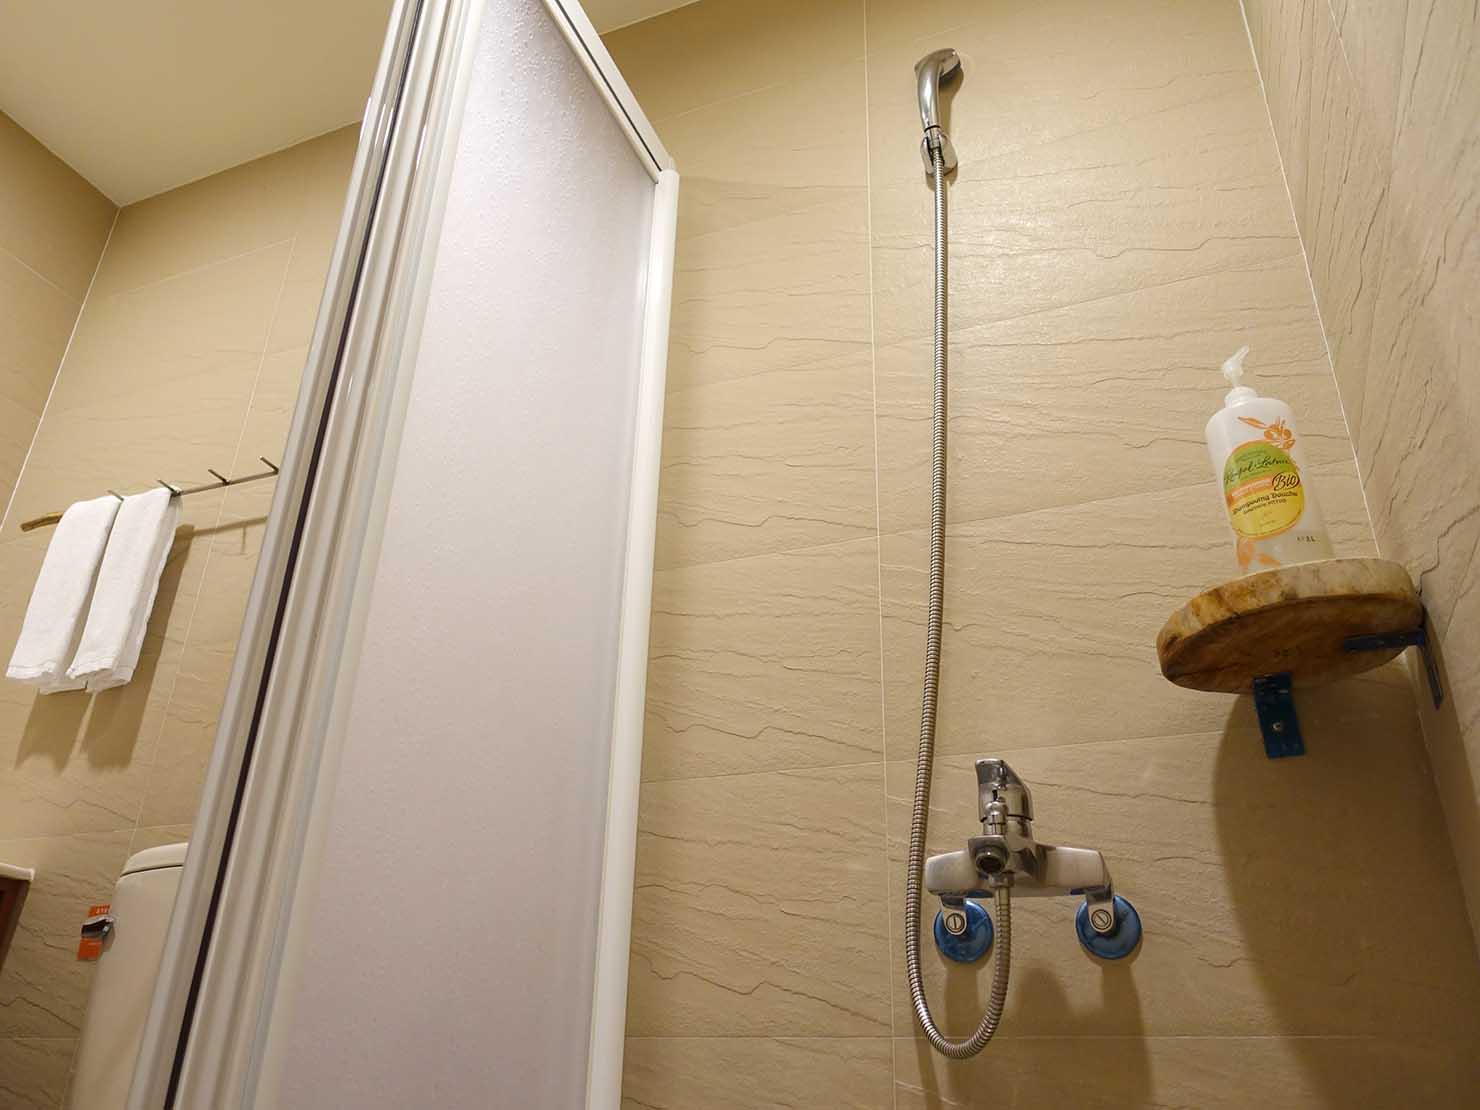 台湾・台東市街のおすすめホテル「MATA家屋」の守護雙人房(ダブルルーム)のシャワー